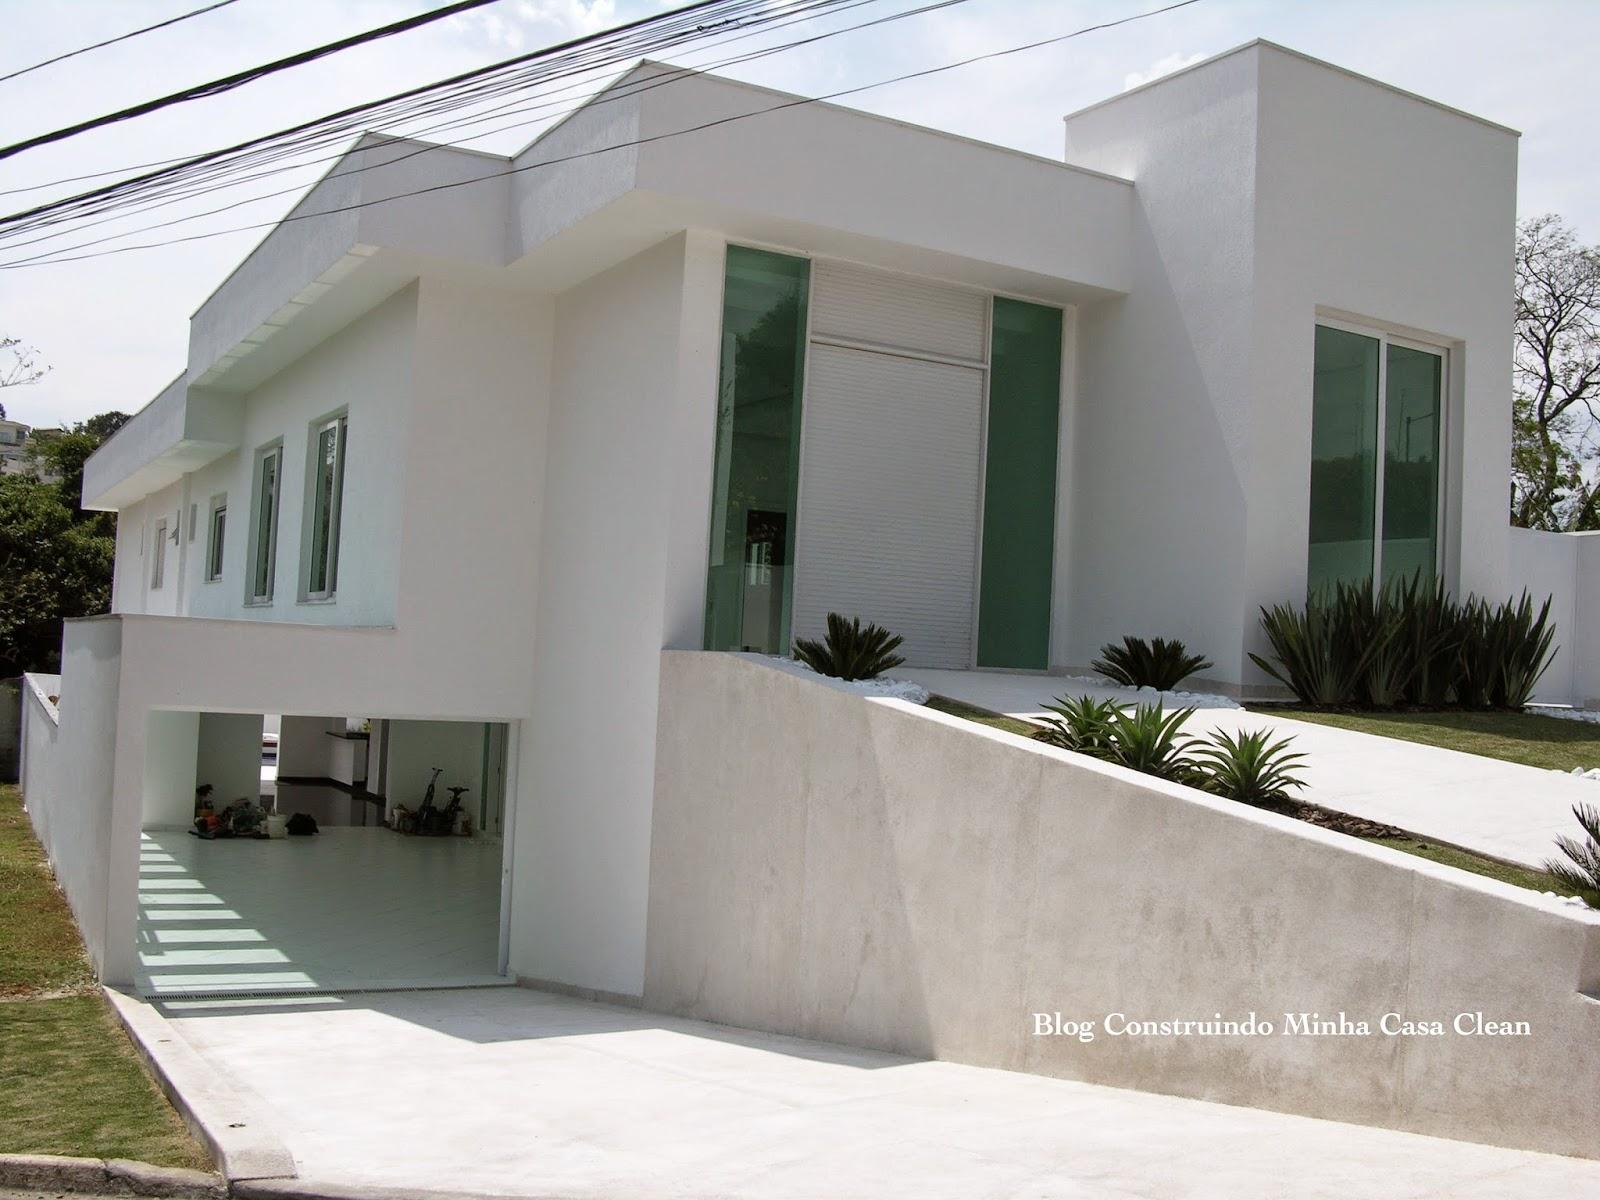 Construindo minha casa clean fachadas de casas em terrenos em declive como construir for Casas modernas para construir